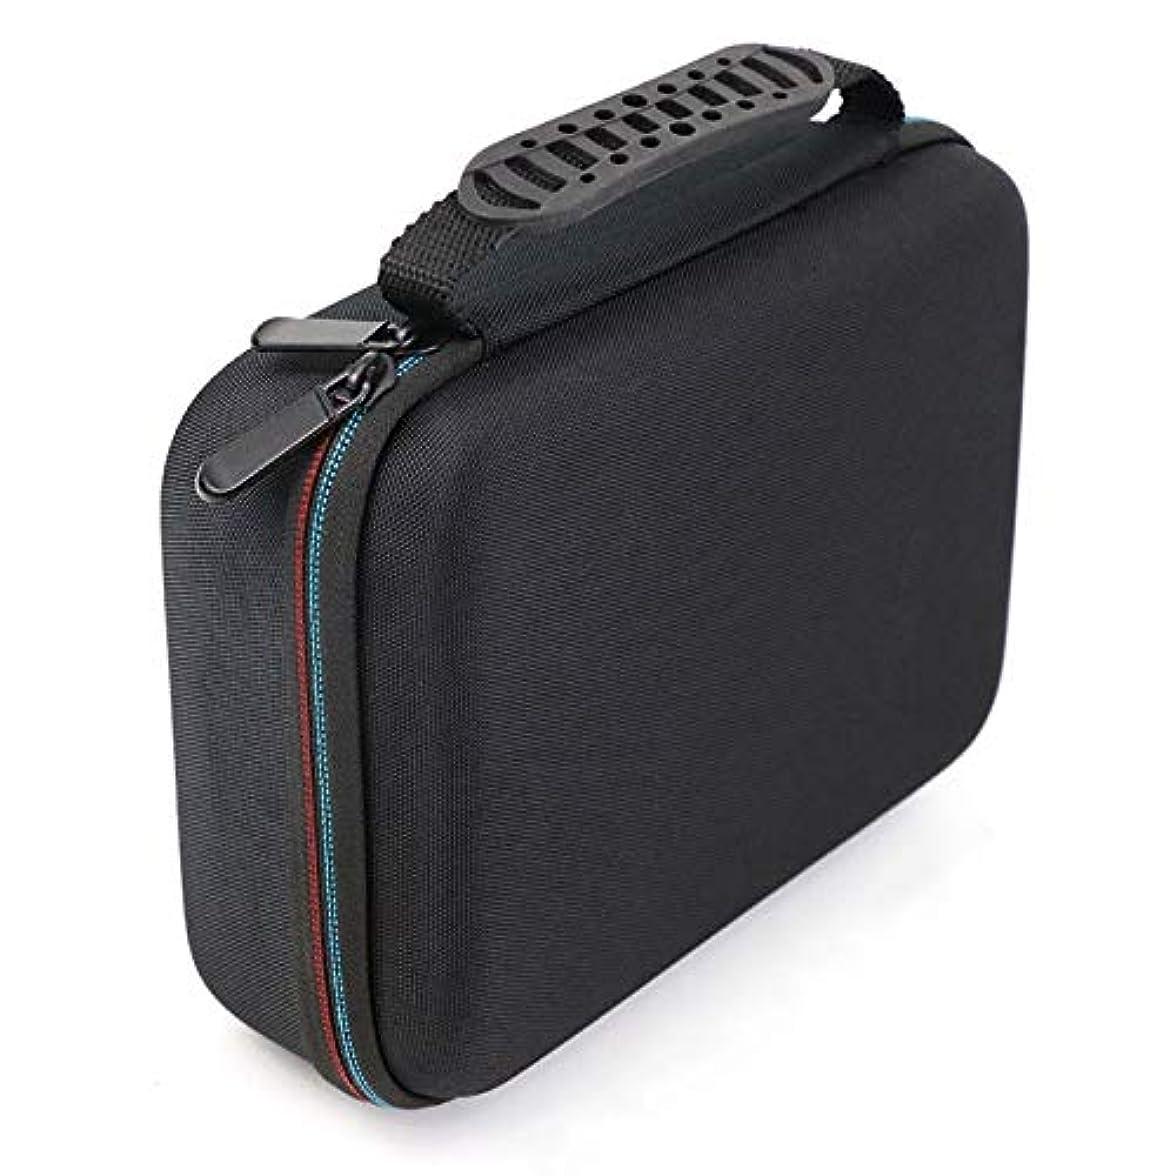 落花生明らかにする老人SODIAL バリカンの収納ケース、携帯用ケース、耐衝撃バッグ、シェーバーのキット、Evaハードケース、収納バッグ、Mgk3020/3060/3080用